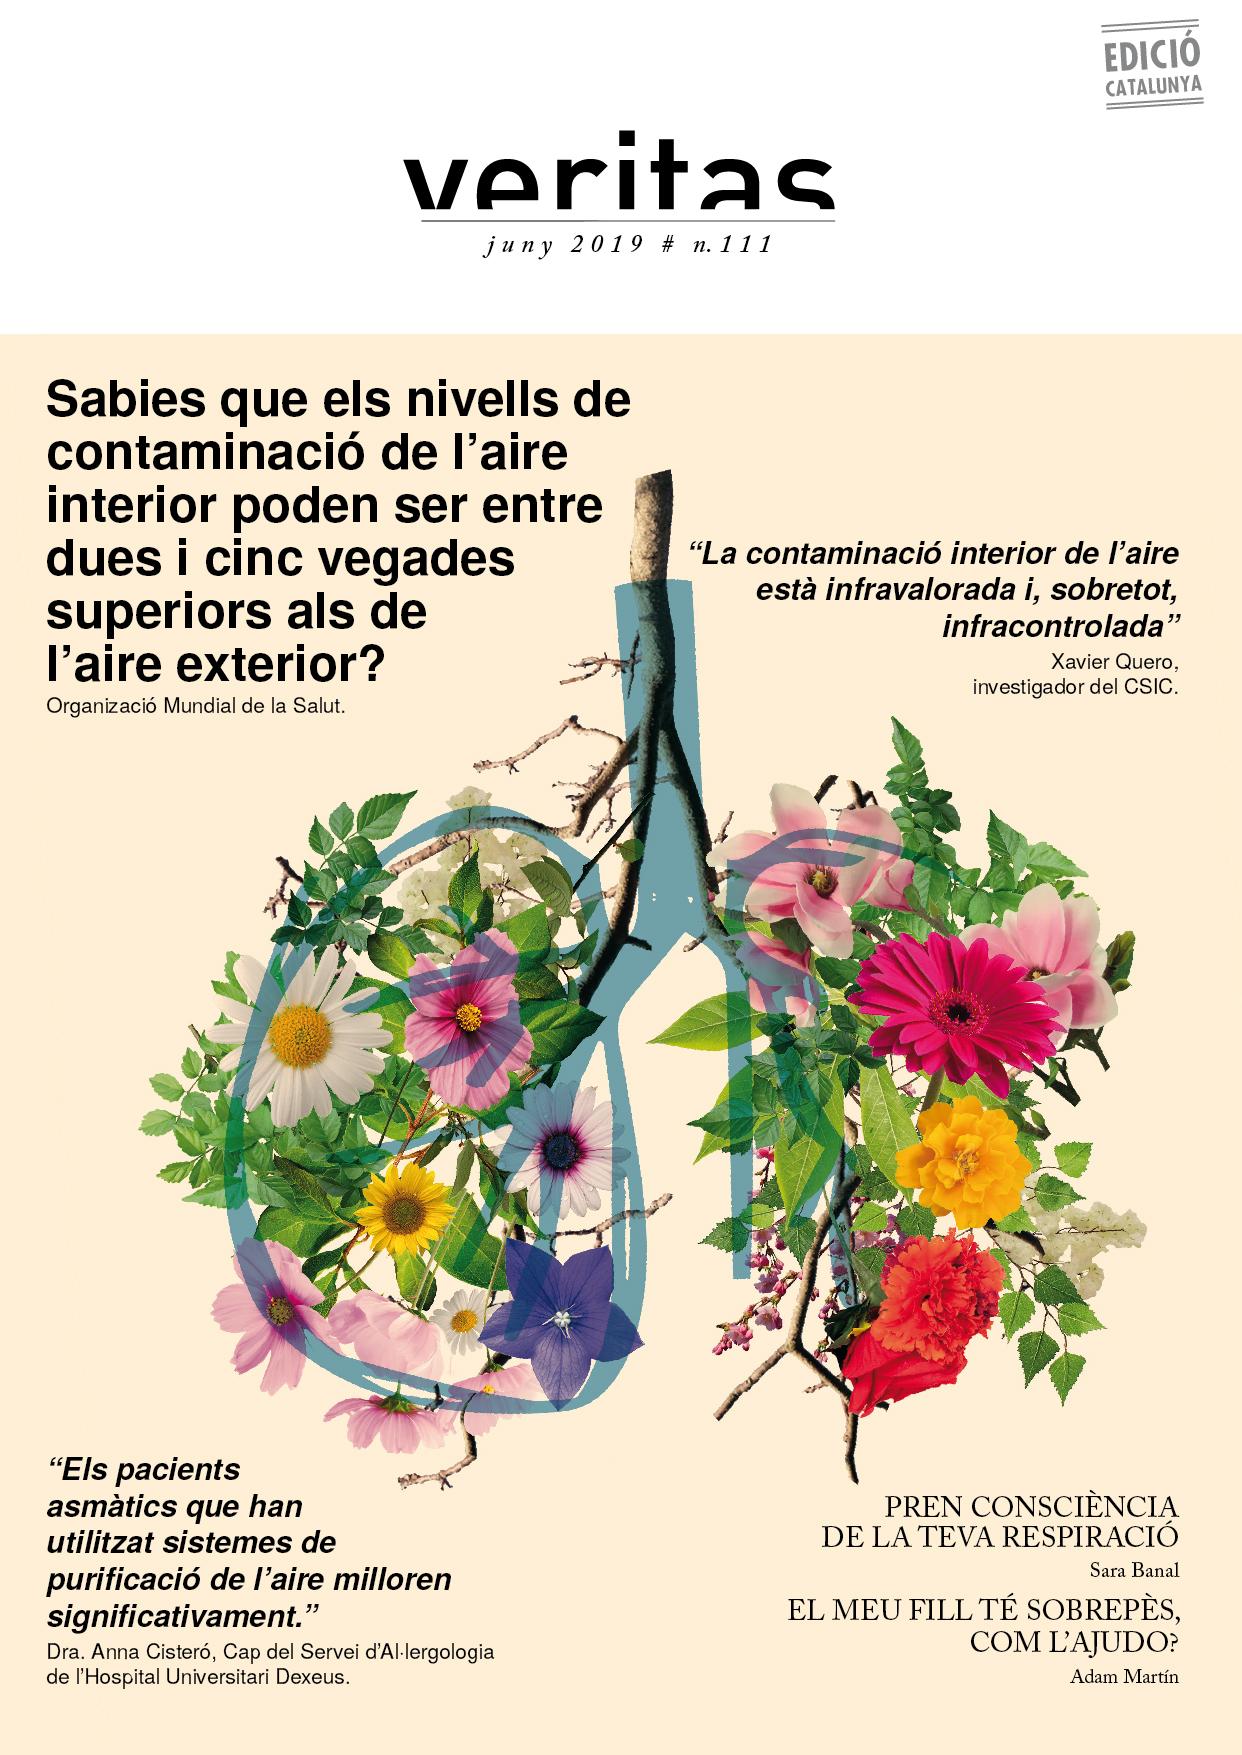 Portada revista juny, 2011 - Veritas